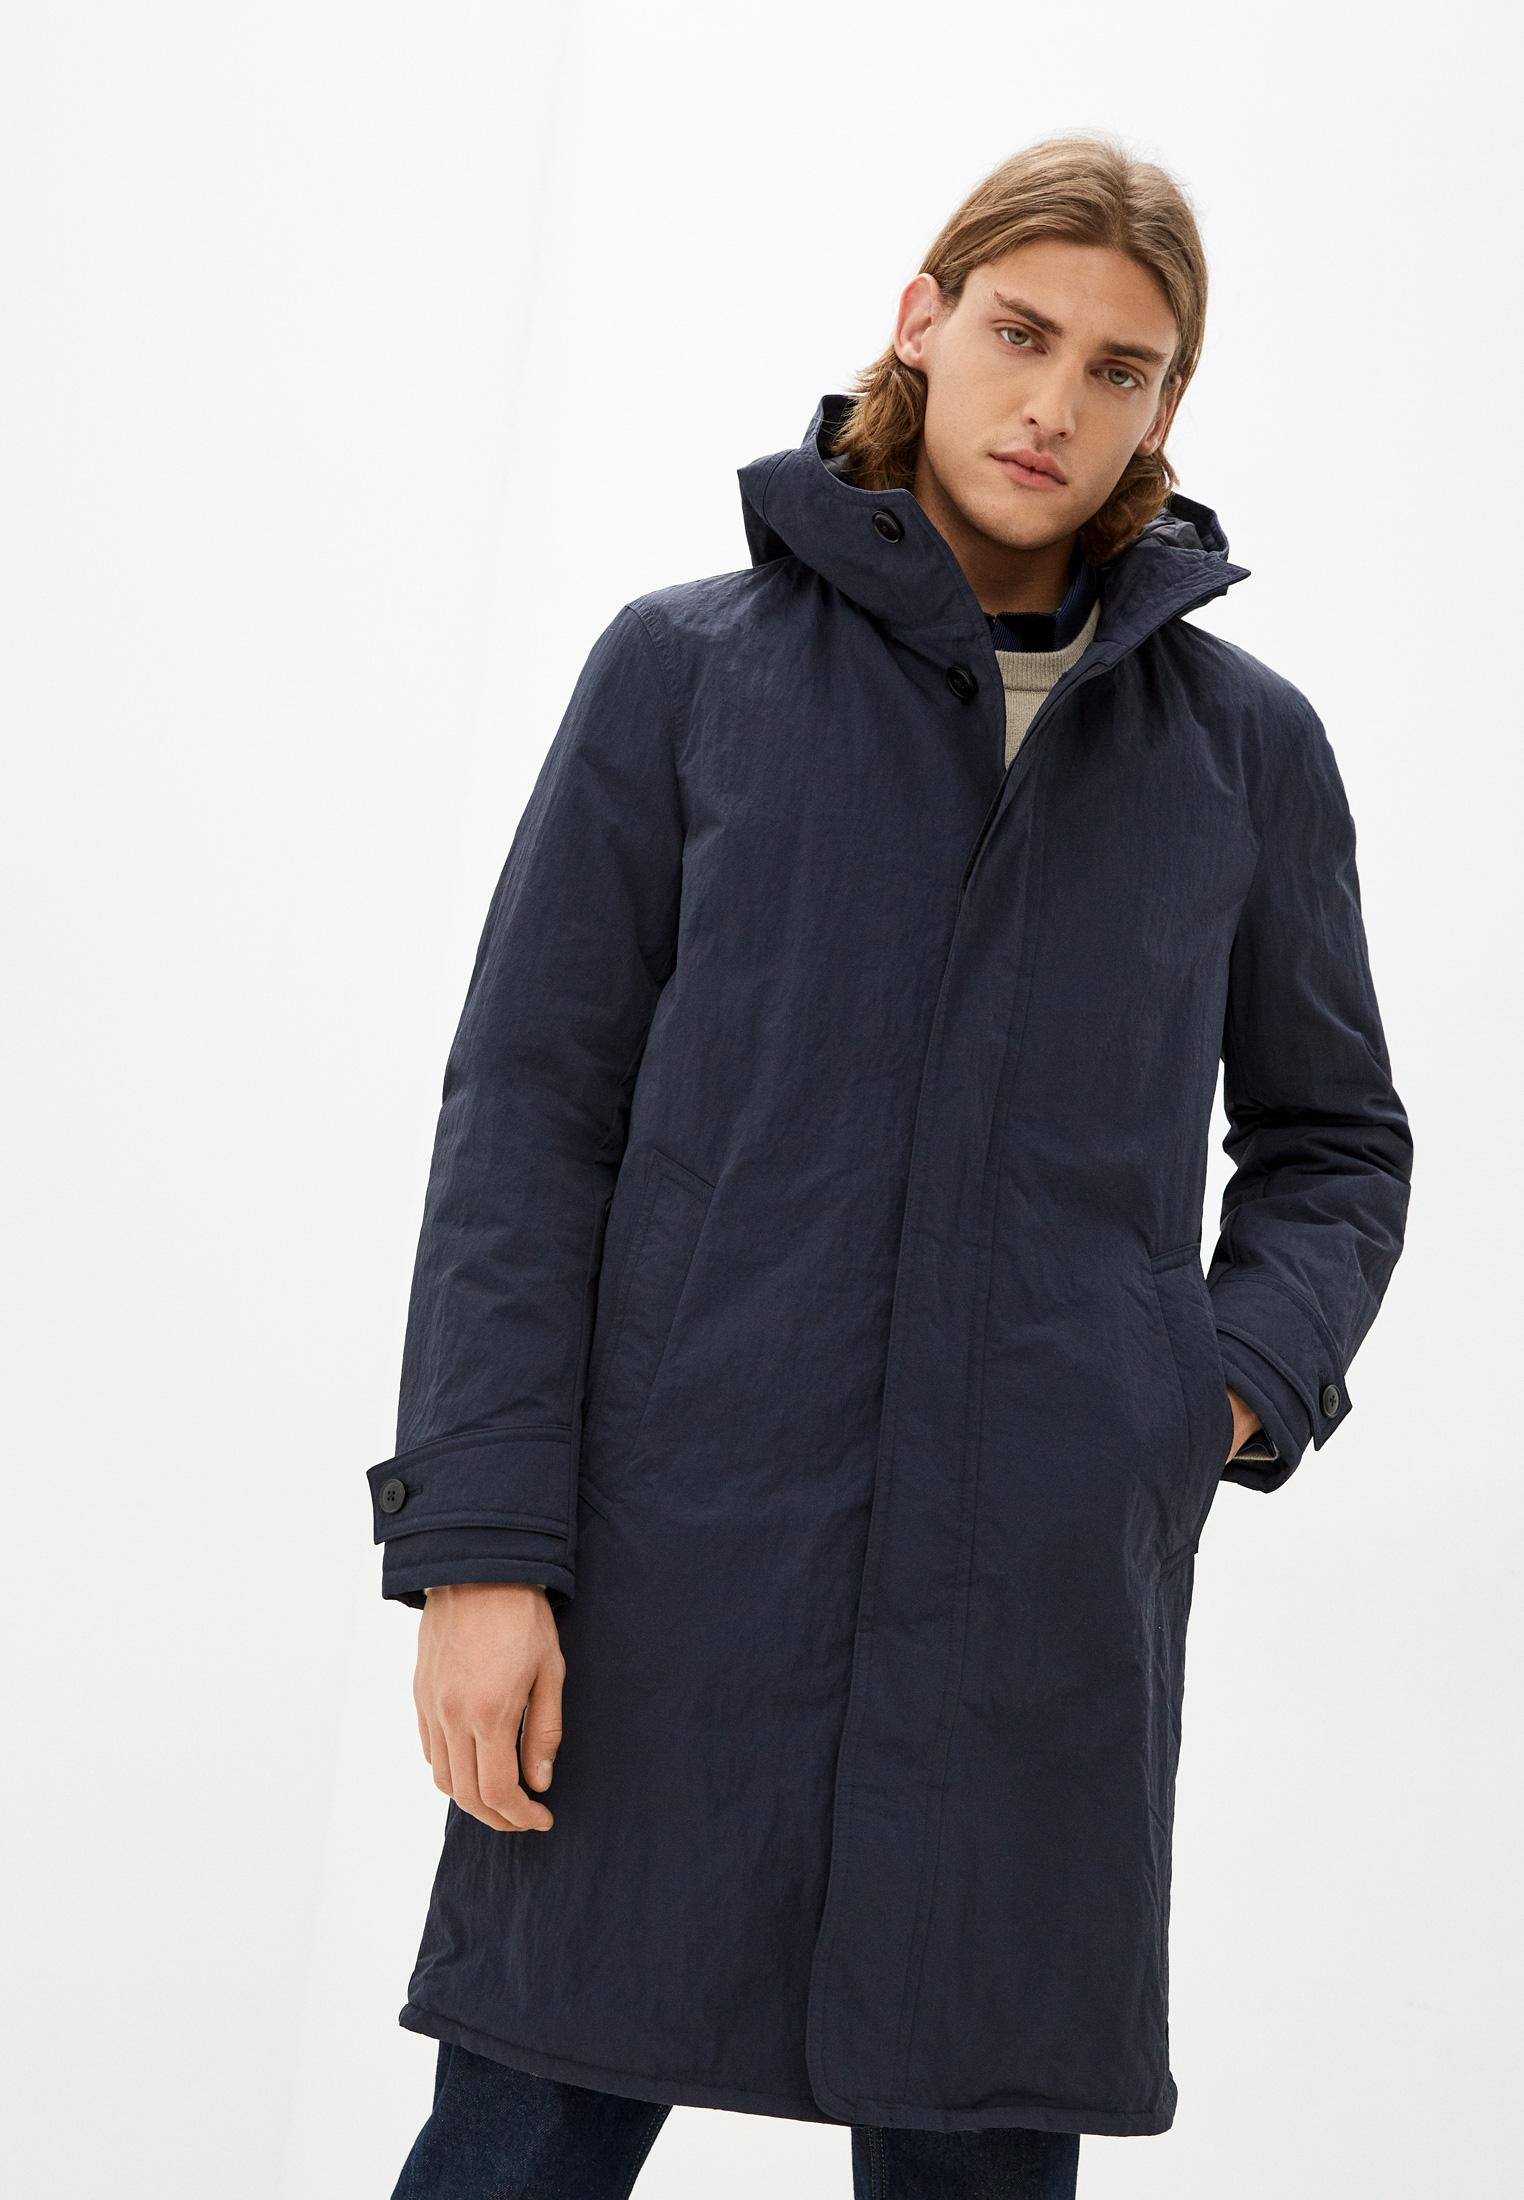 Утепленная куртка Sisley (Сислей) Куртка утепленная Sisley